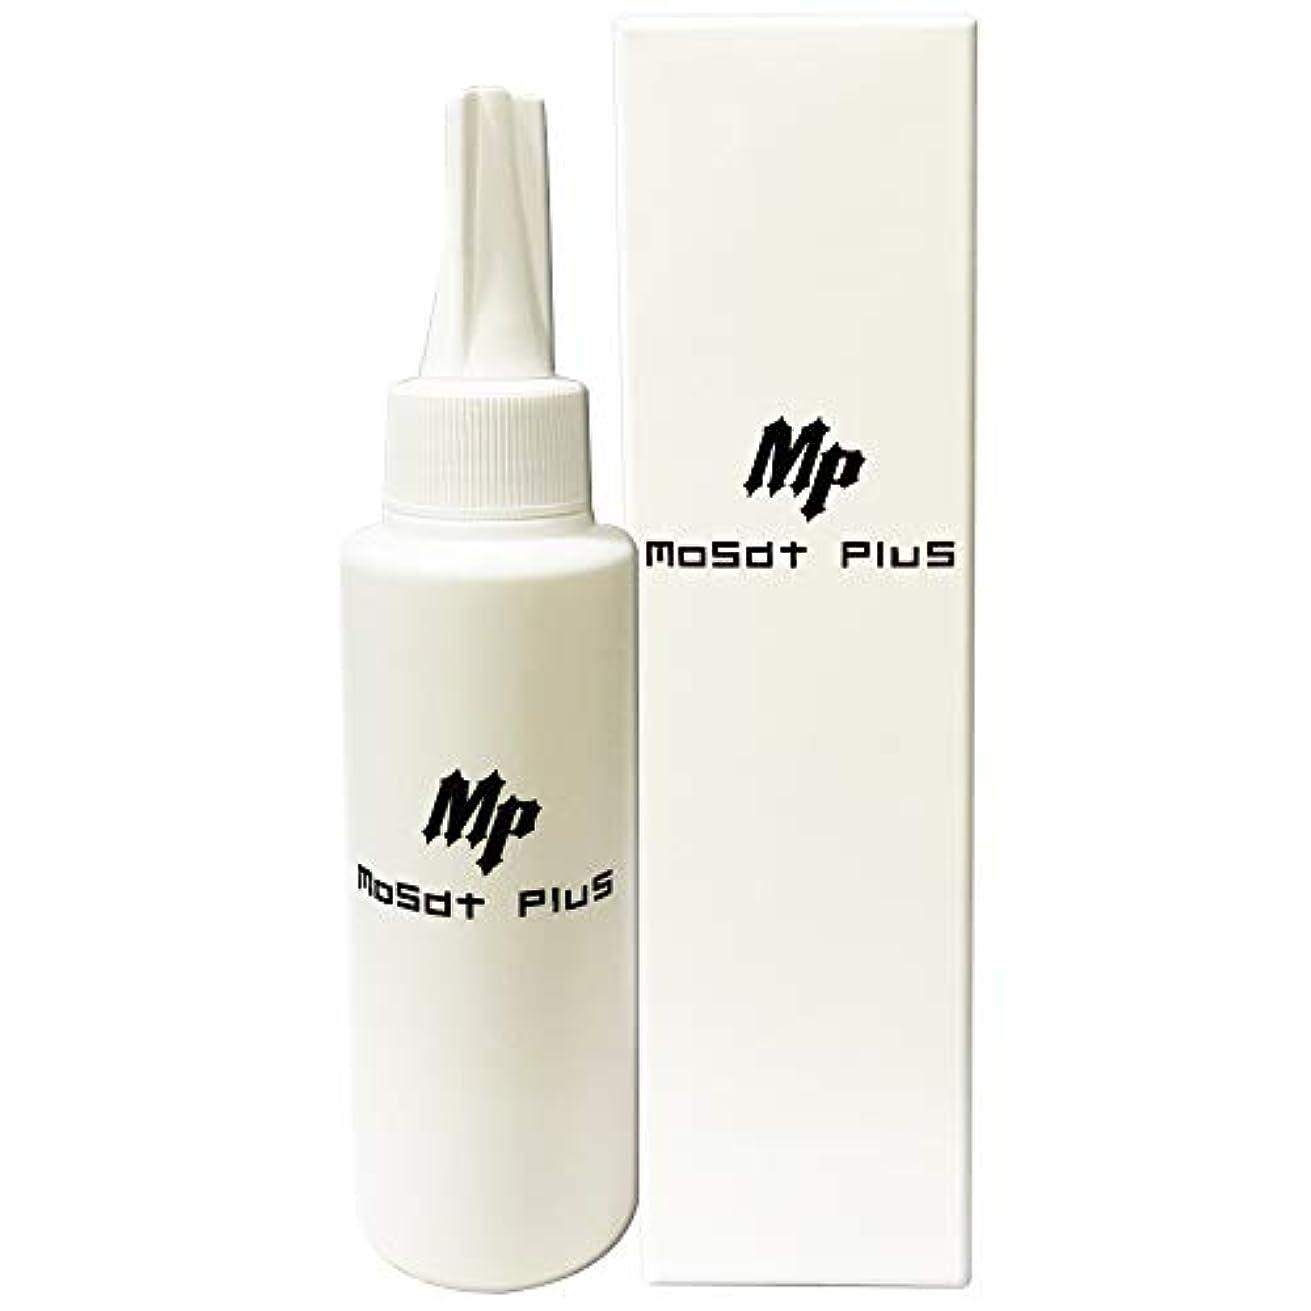 因子血色の良いモードリン【医薬部外品】Mosat Plus モサットプラス 育毛剤 ジェルタイプ 薬用 100mL